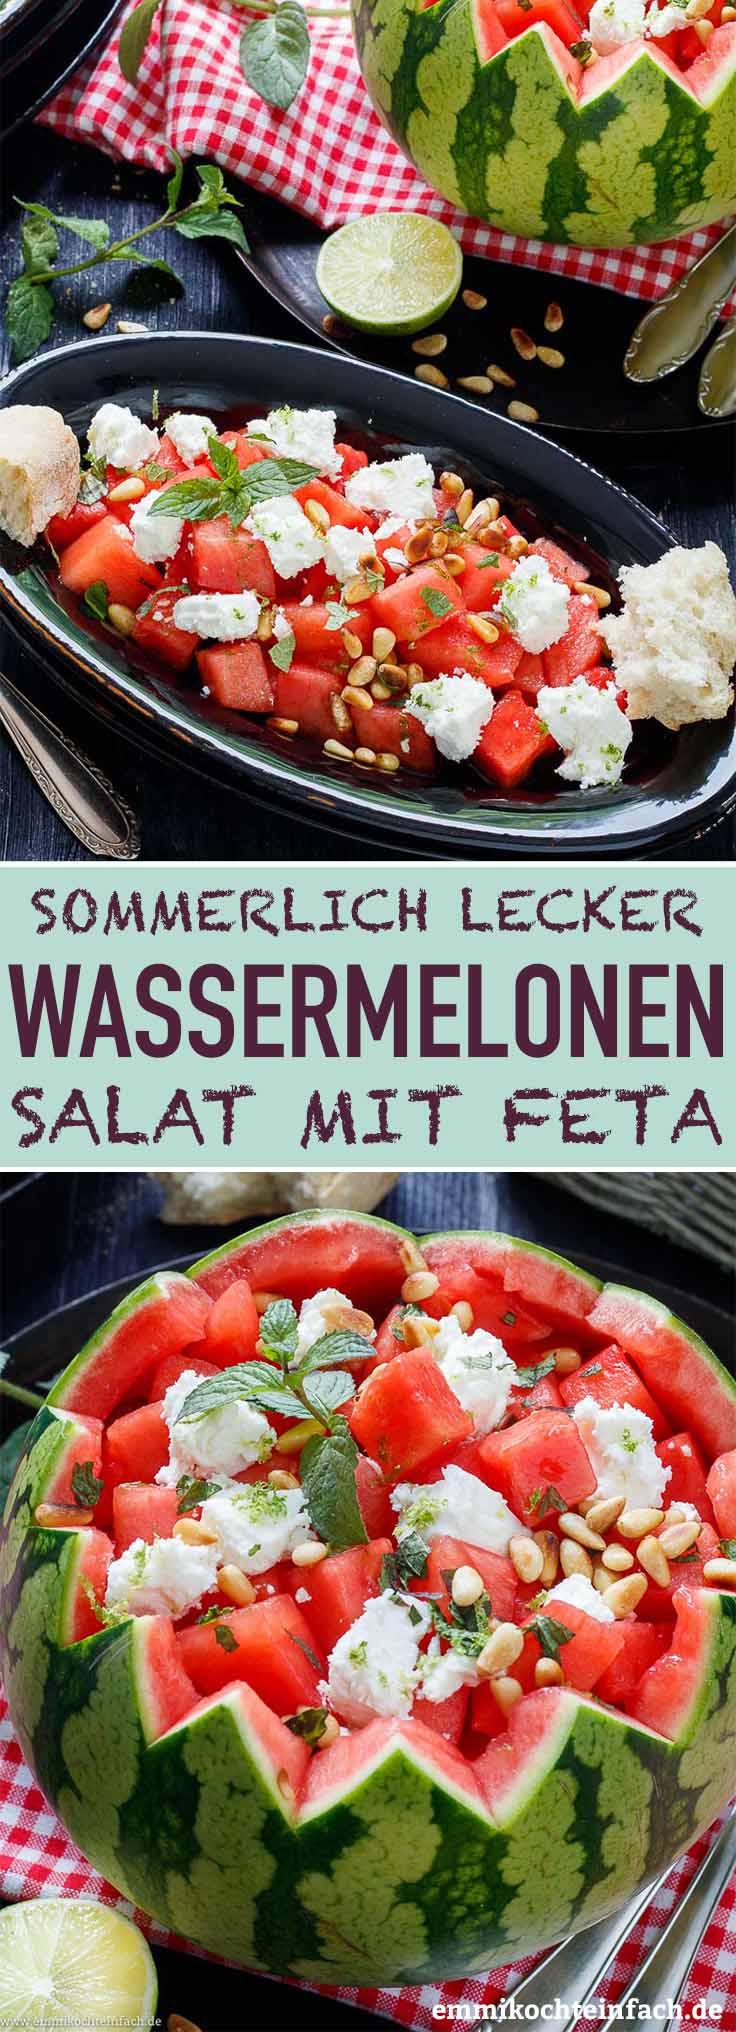 Wassermelonensalat mit Feta ganz einfach - www.emmikochteinfach.de